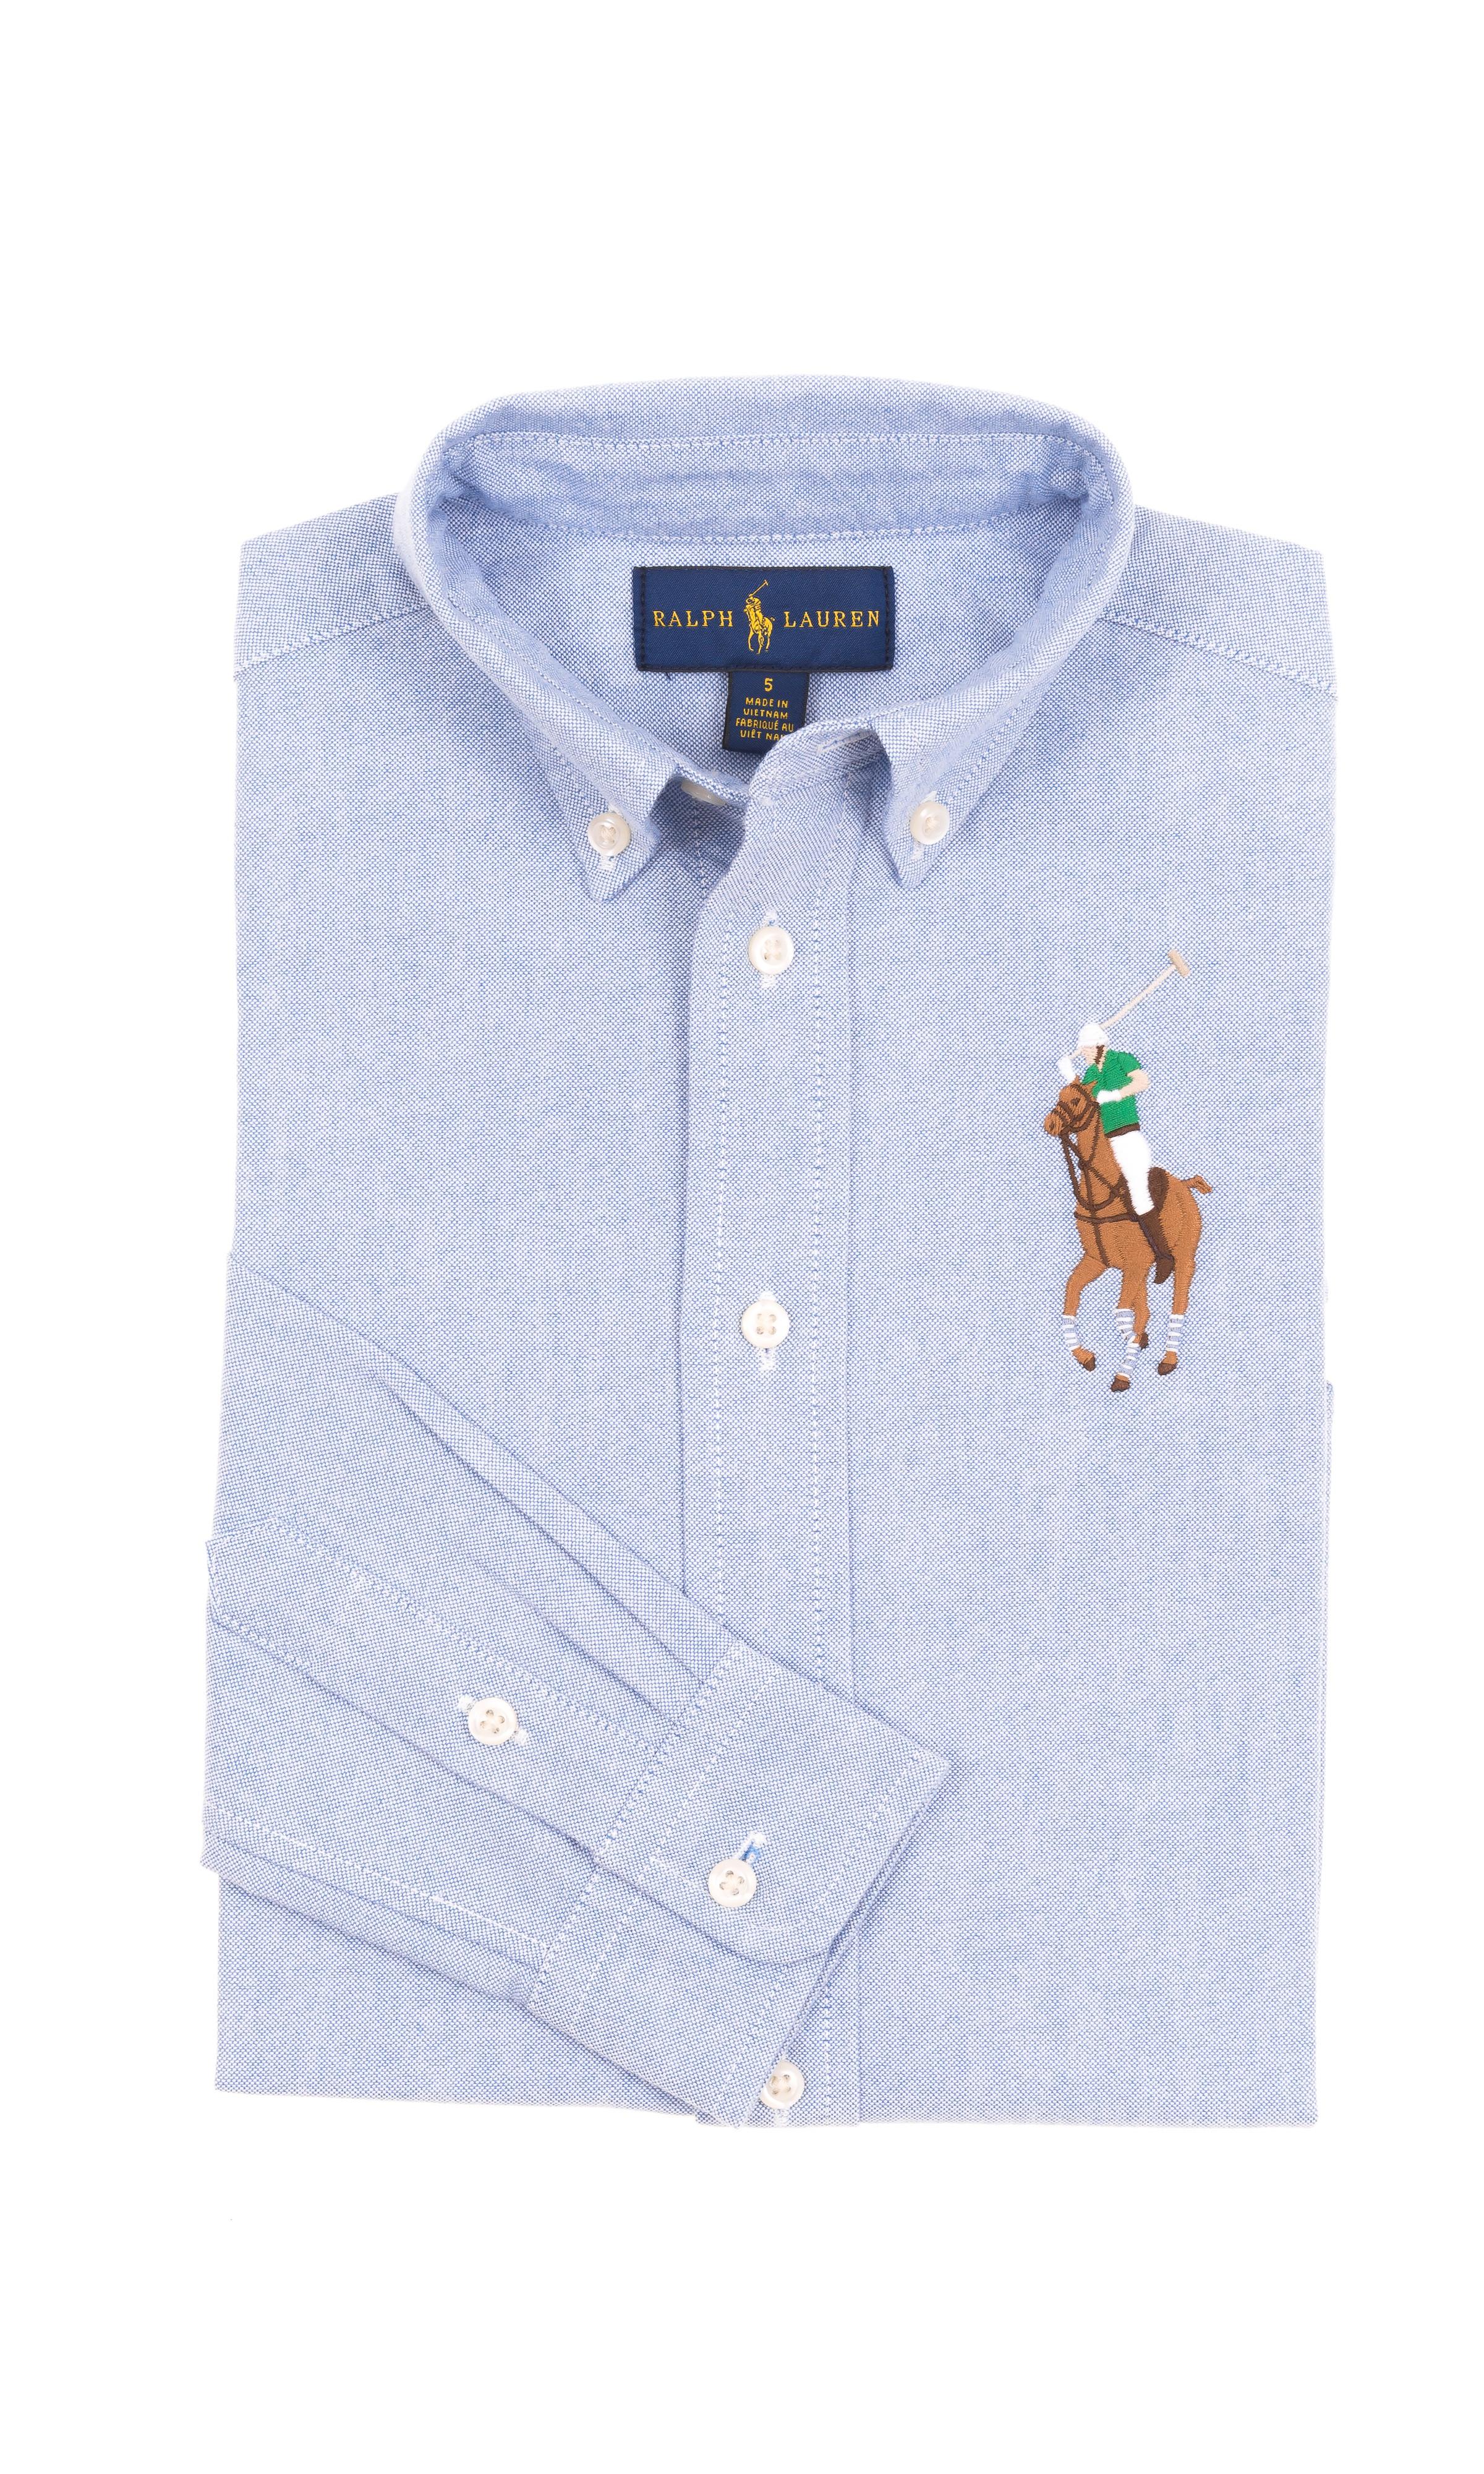 3159e5938 Niebieska koszula chłopięca, Polo Ralph Lauren - Celebrity-Club